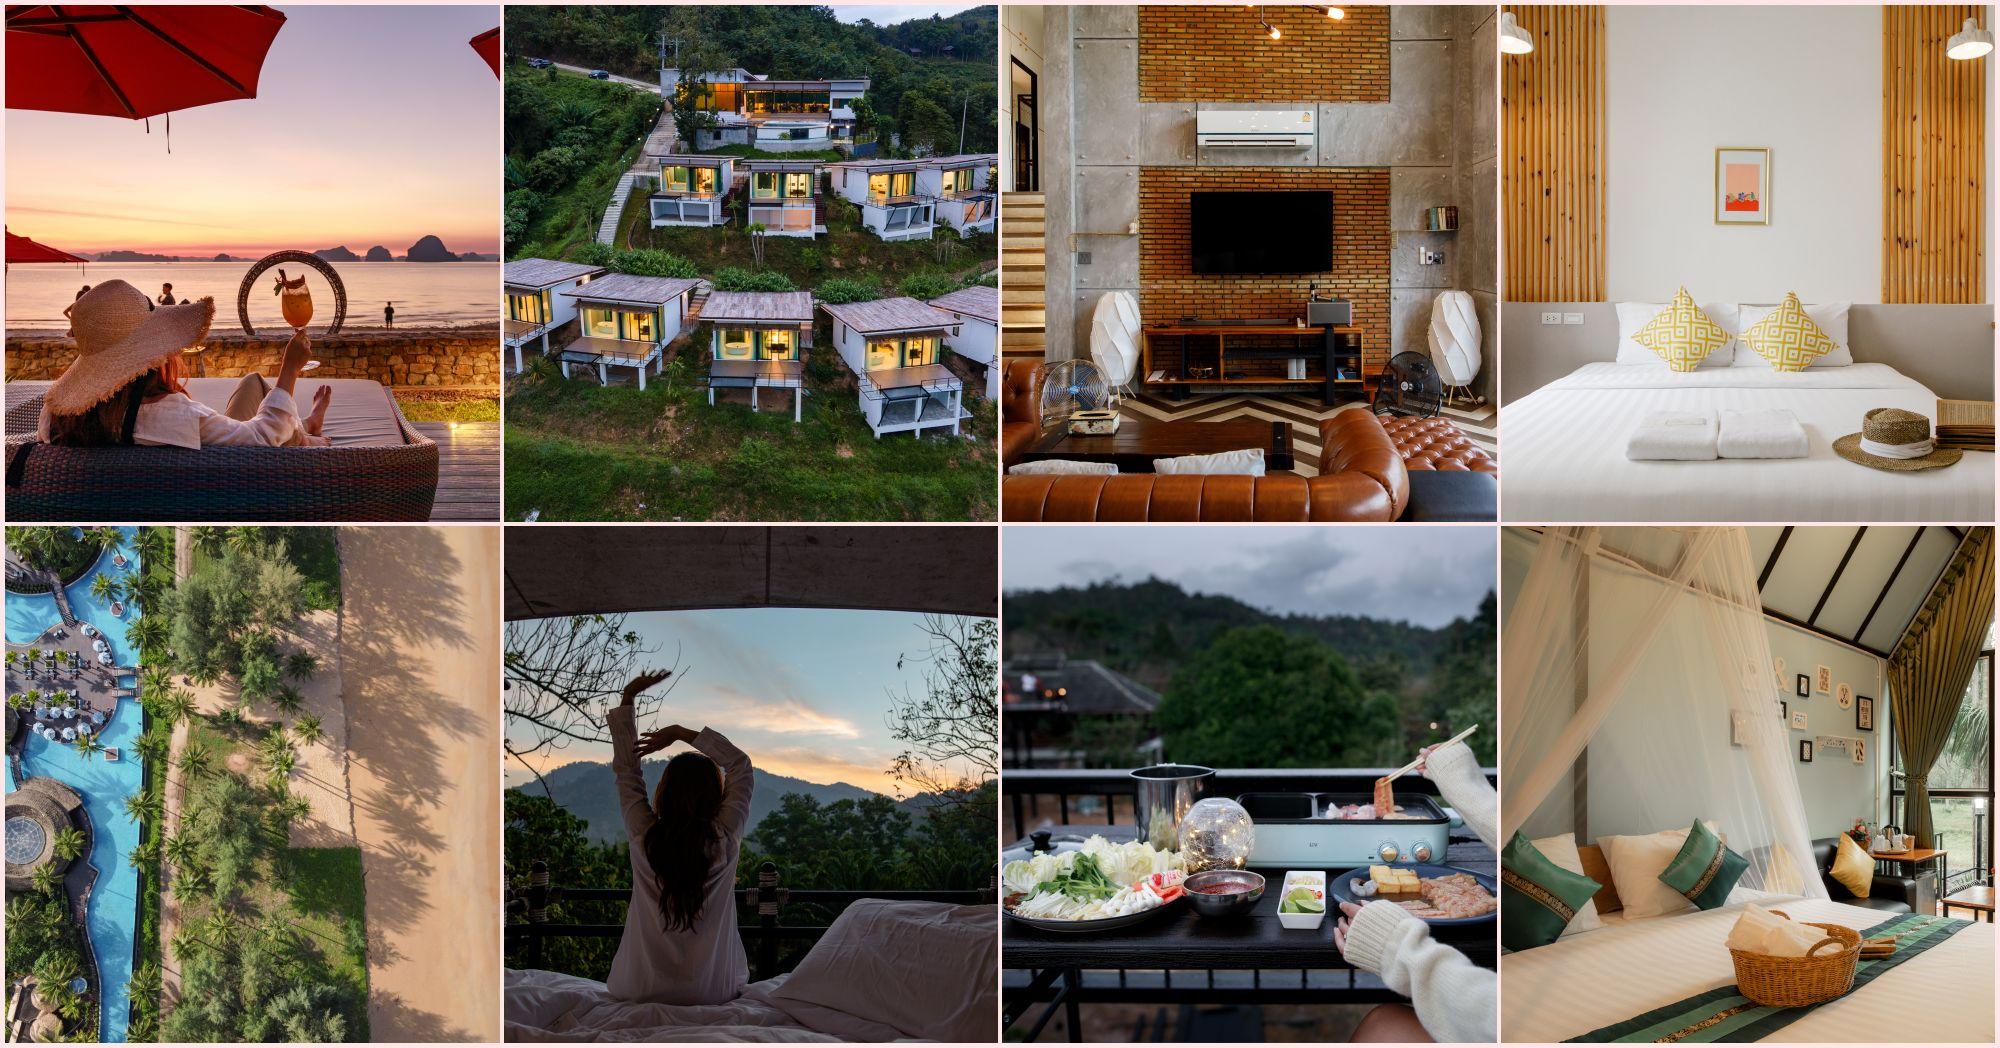 ที่พักพะเยา ใหม่ๆสวยๆ 2021 ธรรมชาติ ทะเล ภูเขา